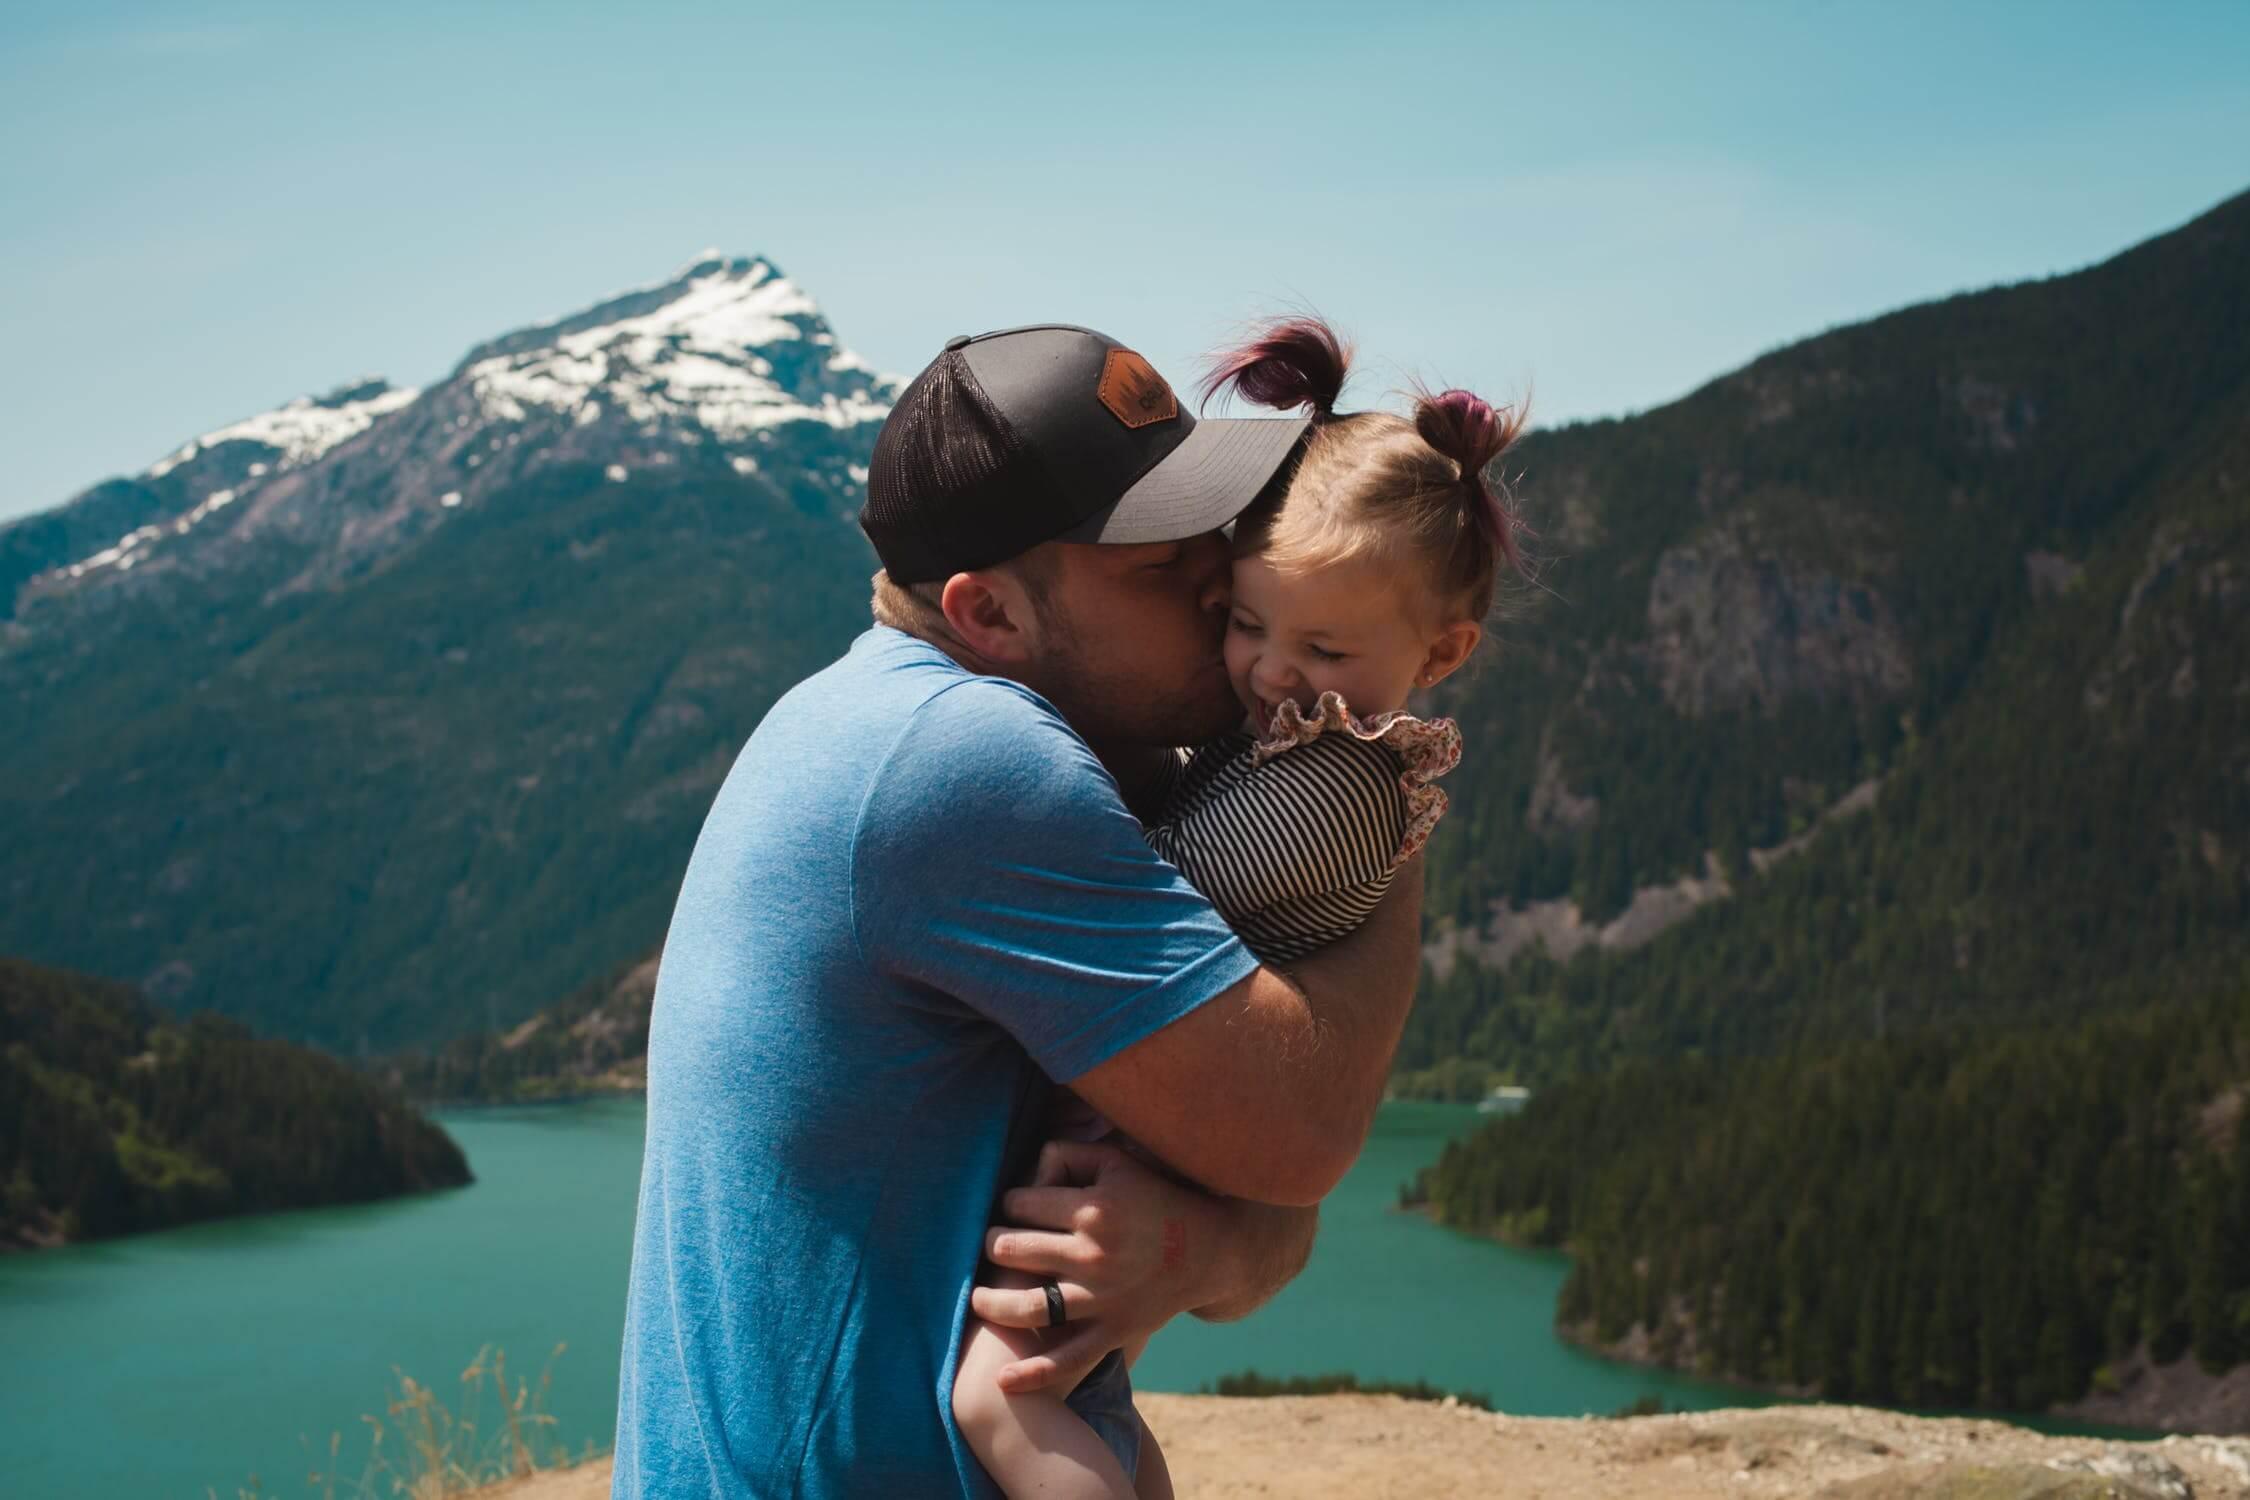 vychováte samostatného a zodpovedného parťáka